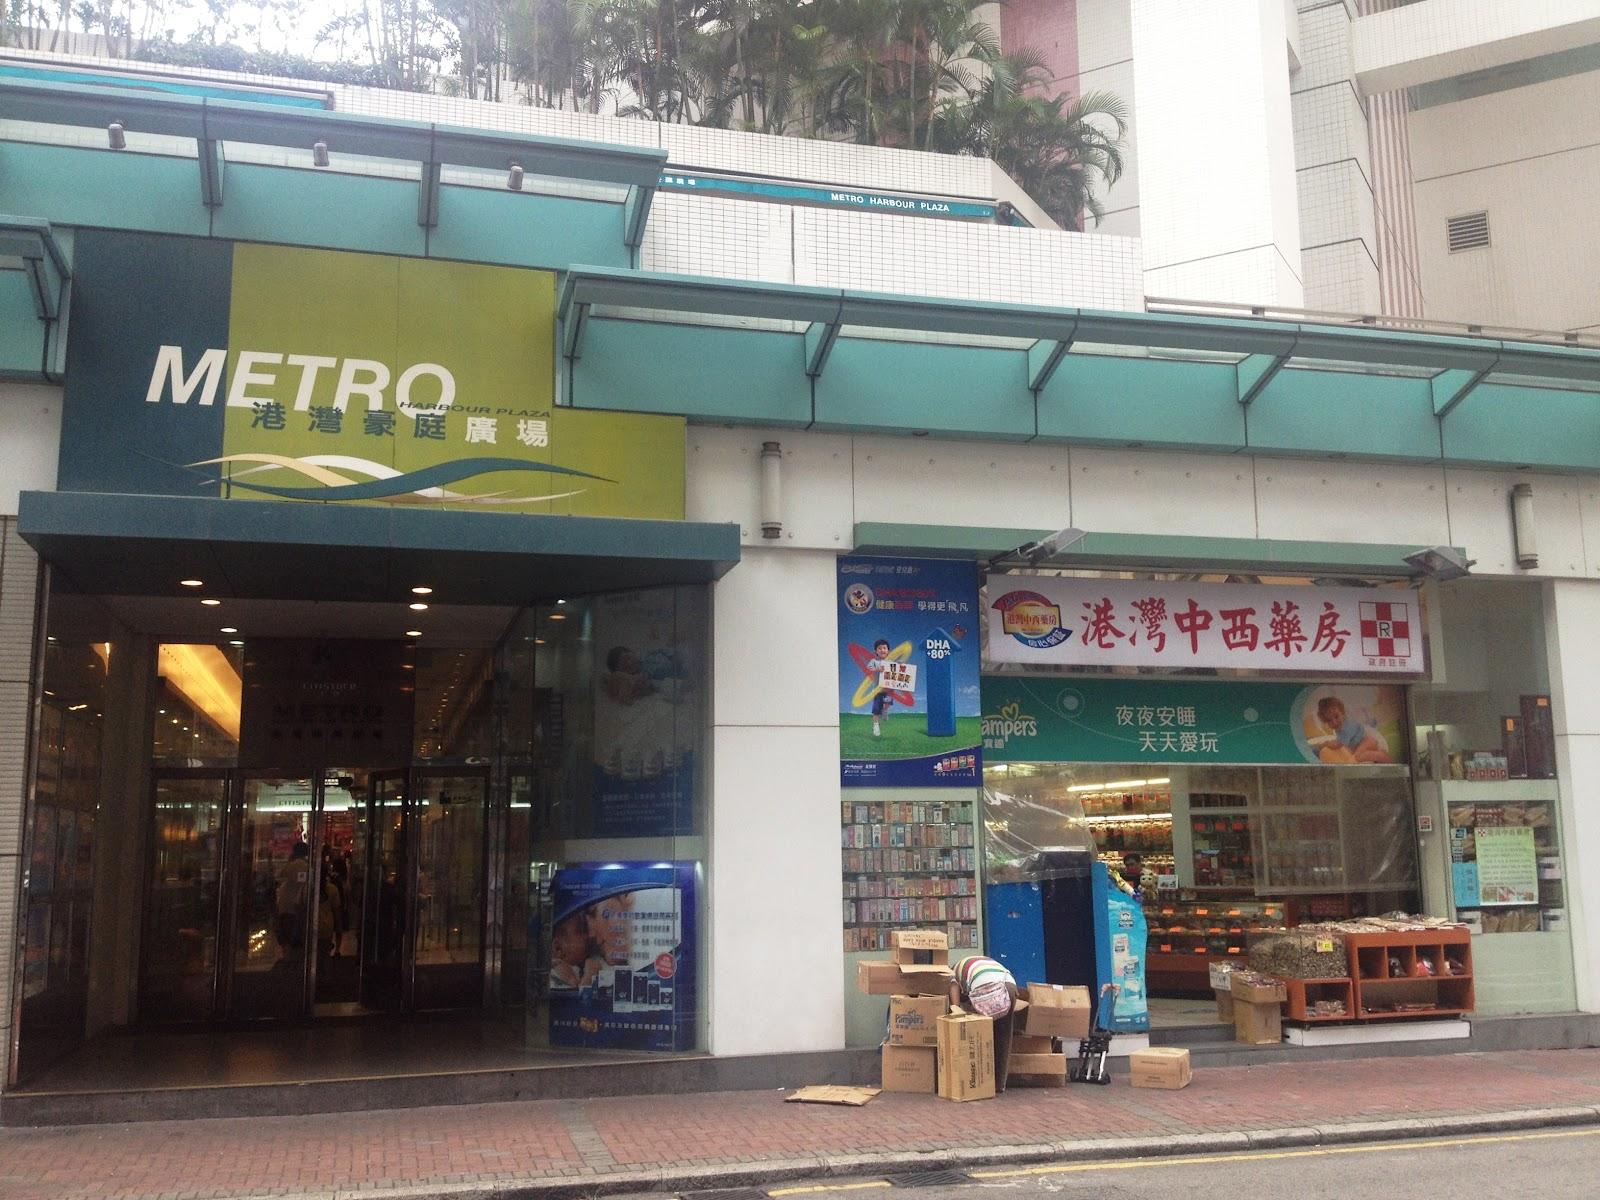 MetroHarbour